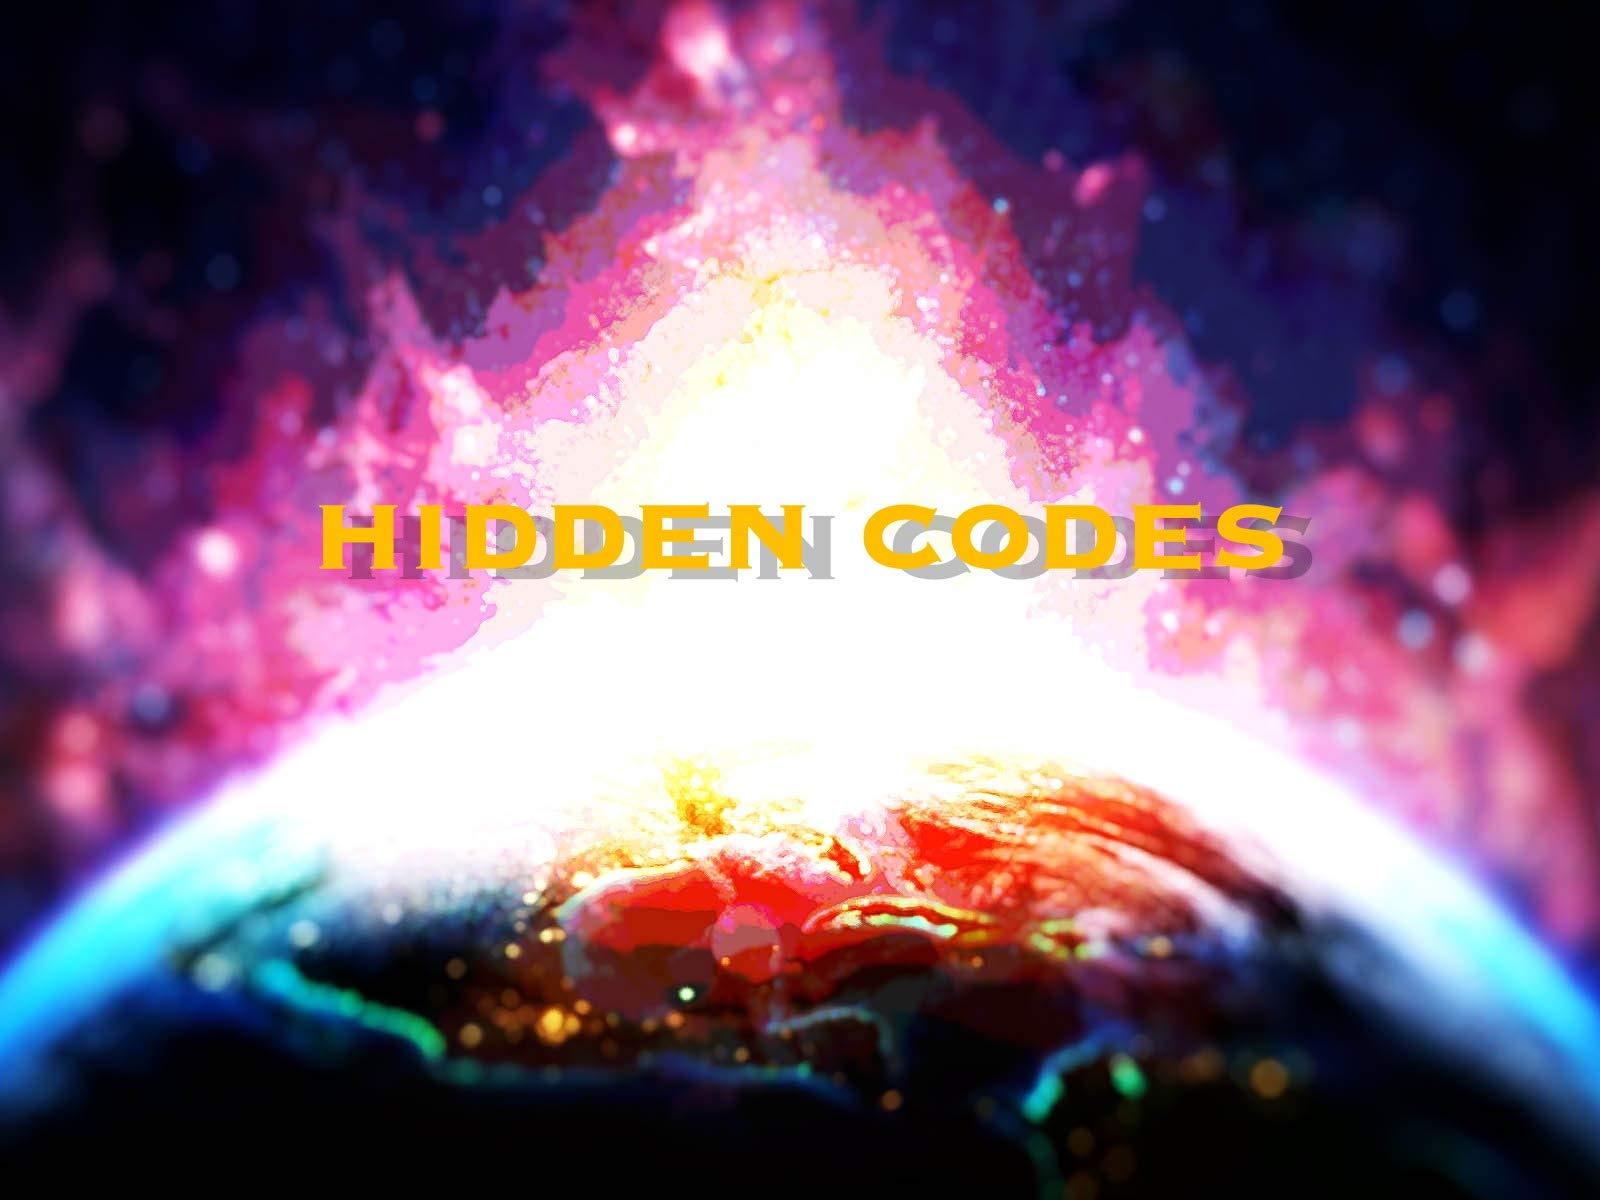 Hidden Codes - Season 2